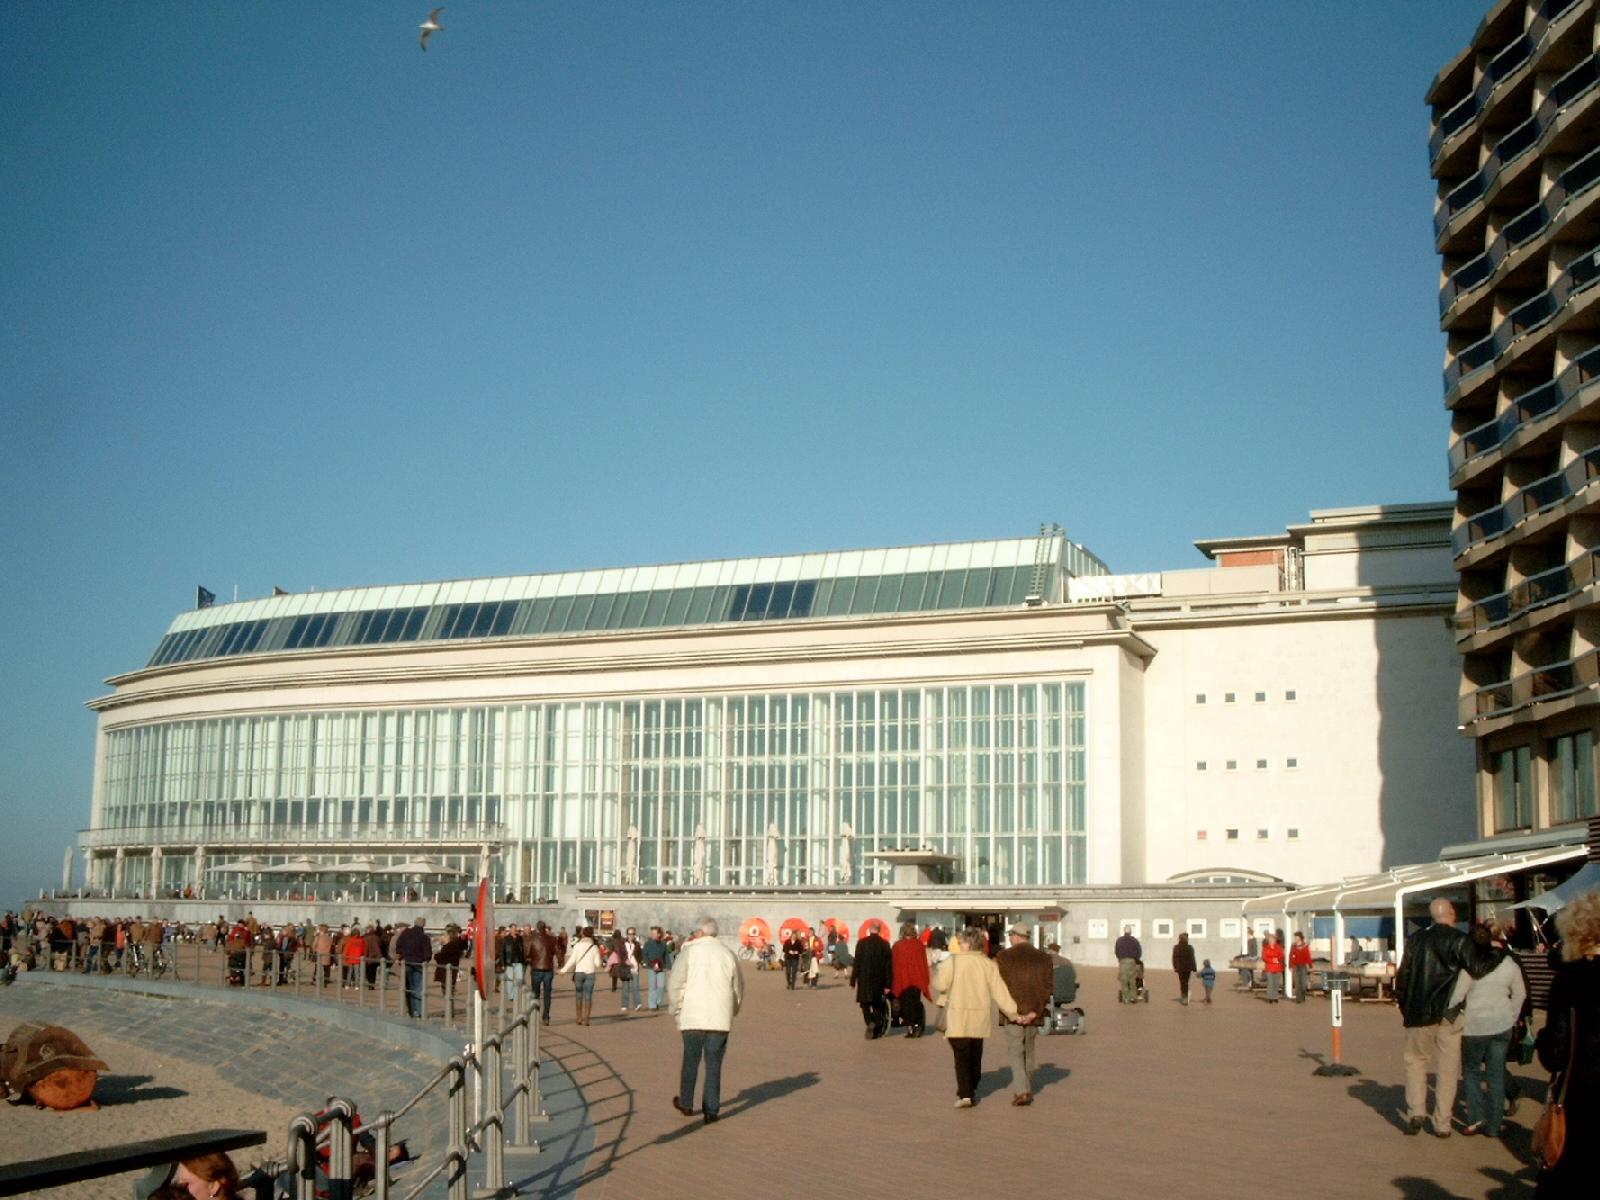 Vier casino's in België dreigen hun deuren te moeten sluiten